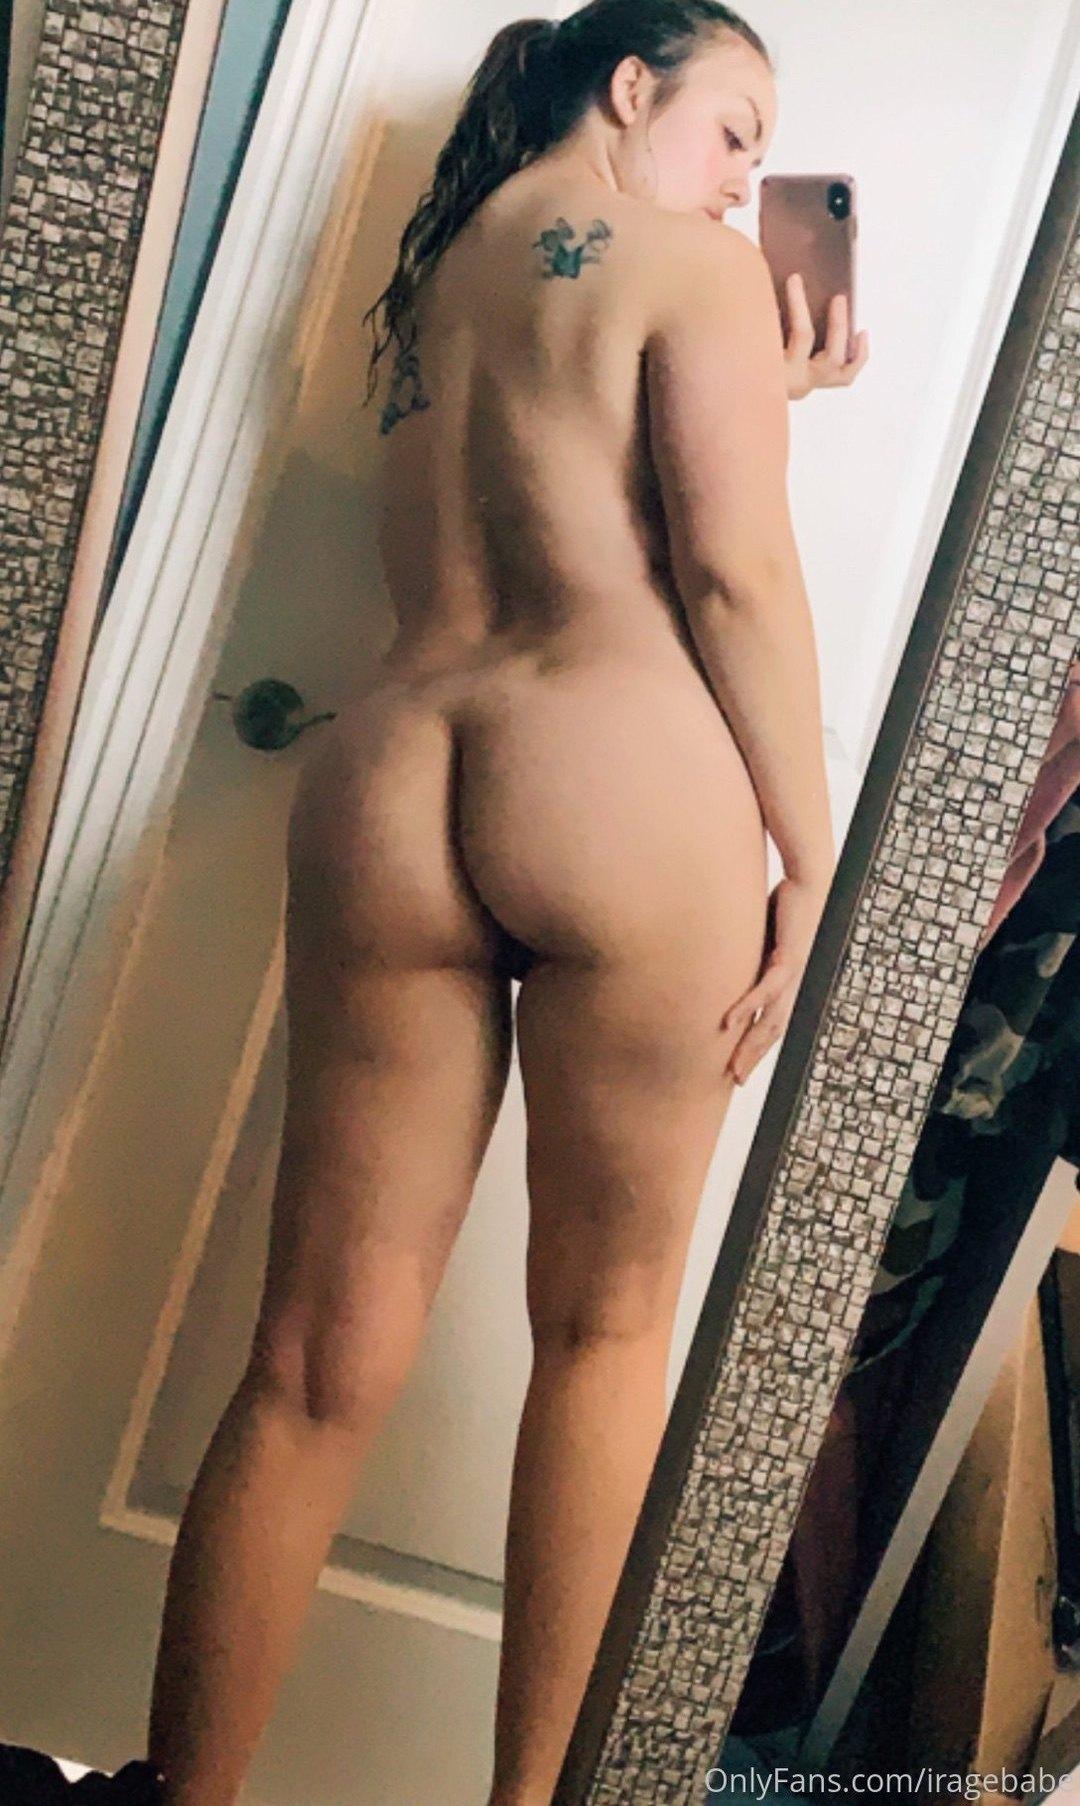 Ragequeen Iragebabe Onlyfans Nudes Leaks 0002